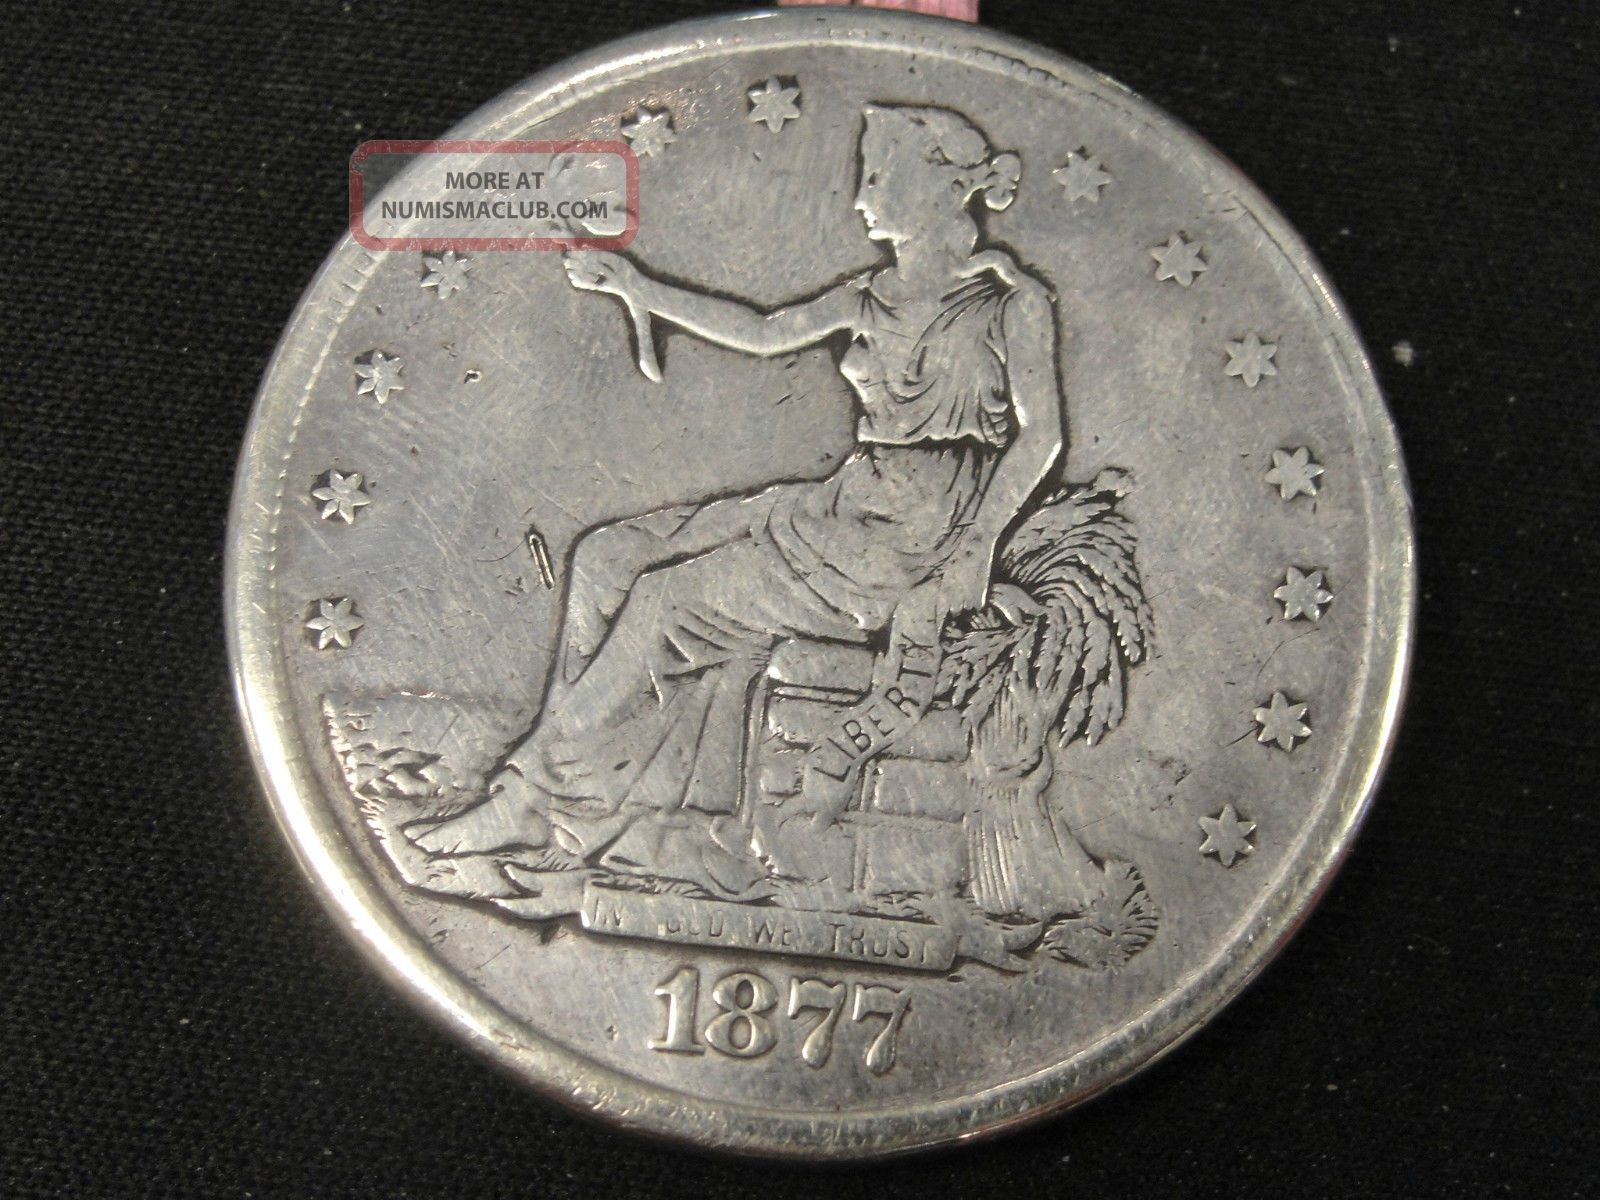 1877 Rare Trade Silver Dollar Opium Dollar Quot Love Token